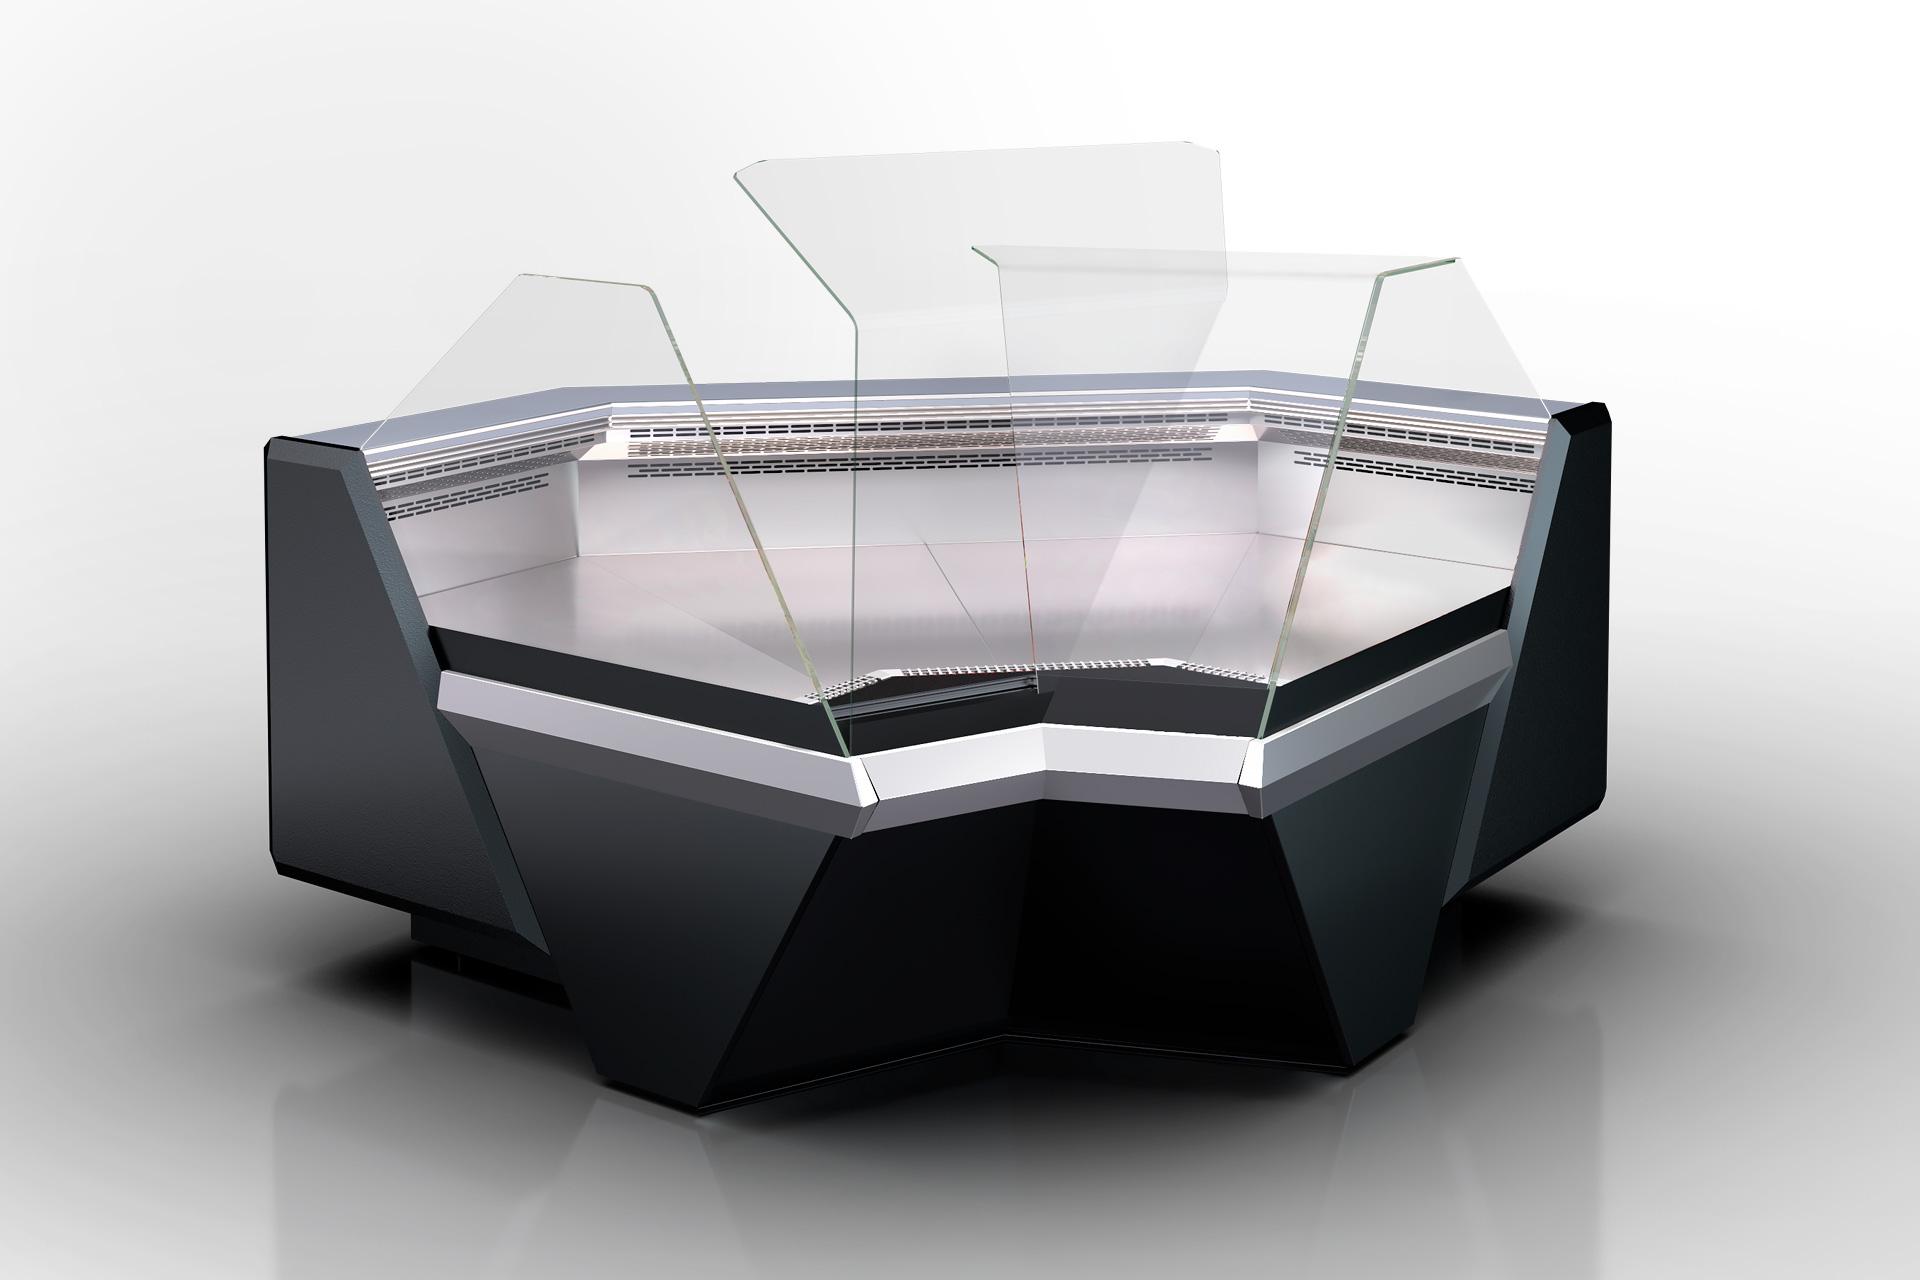 Угловой элементs холодильных витрин Missouri enigma MK 120 deli OS-DBM-IS90